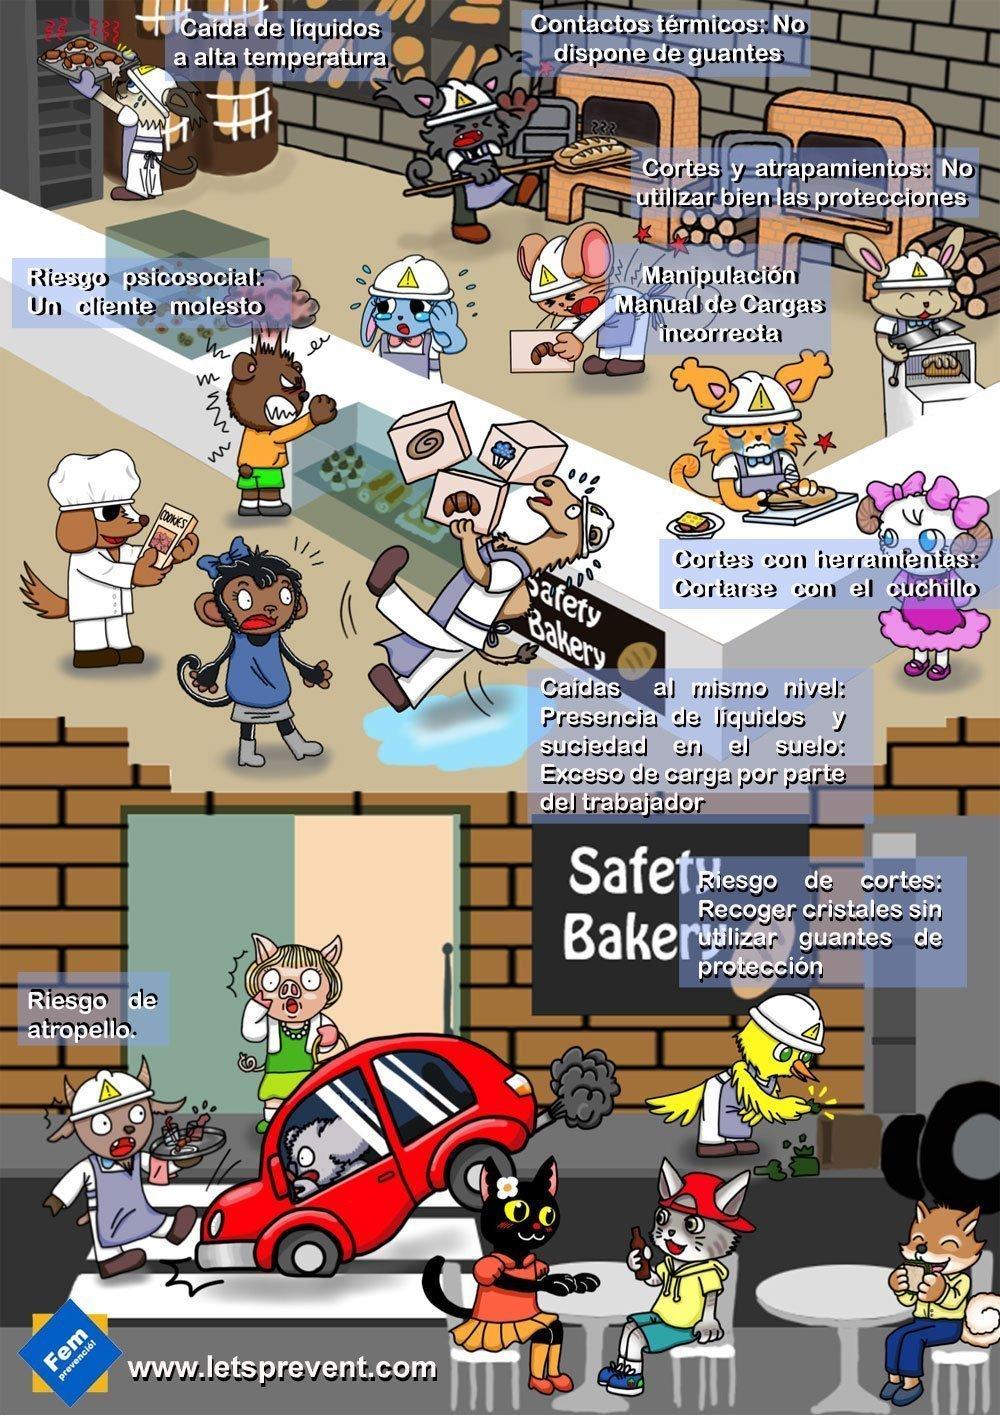 Let's Prevent! - Riesgos encontrados: La panadería de Safety